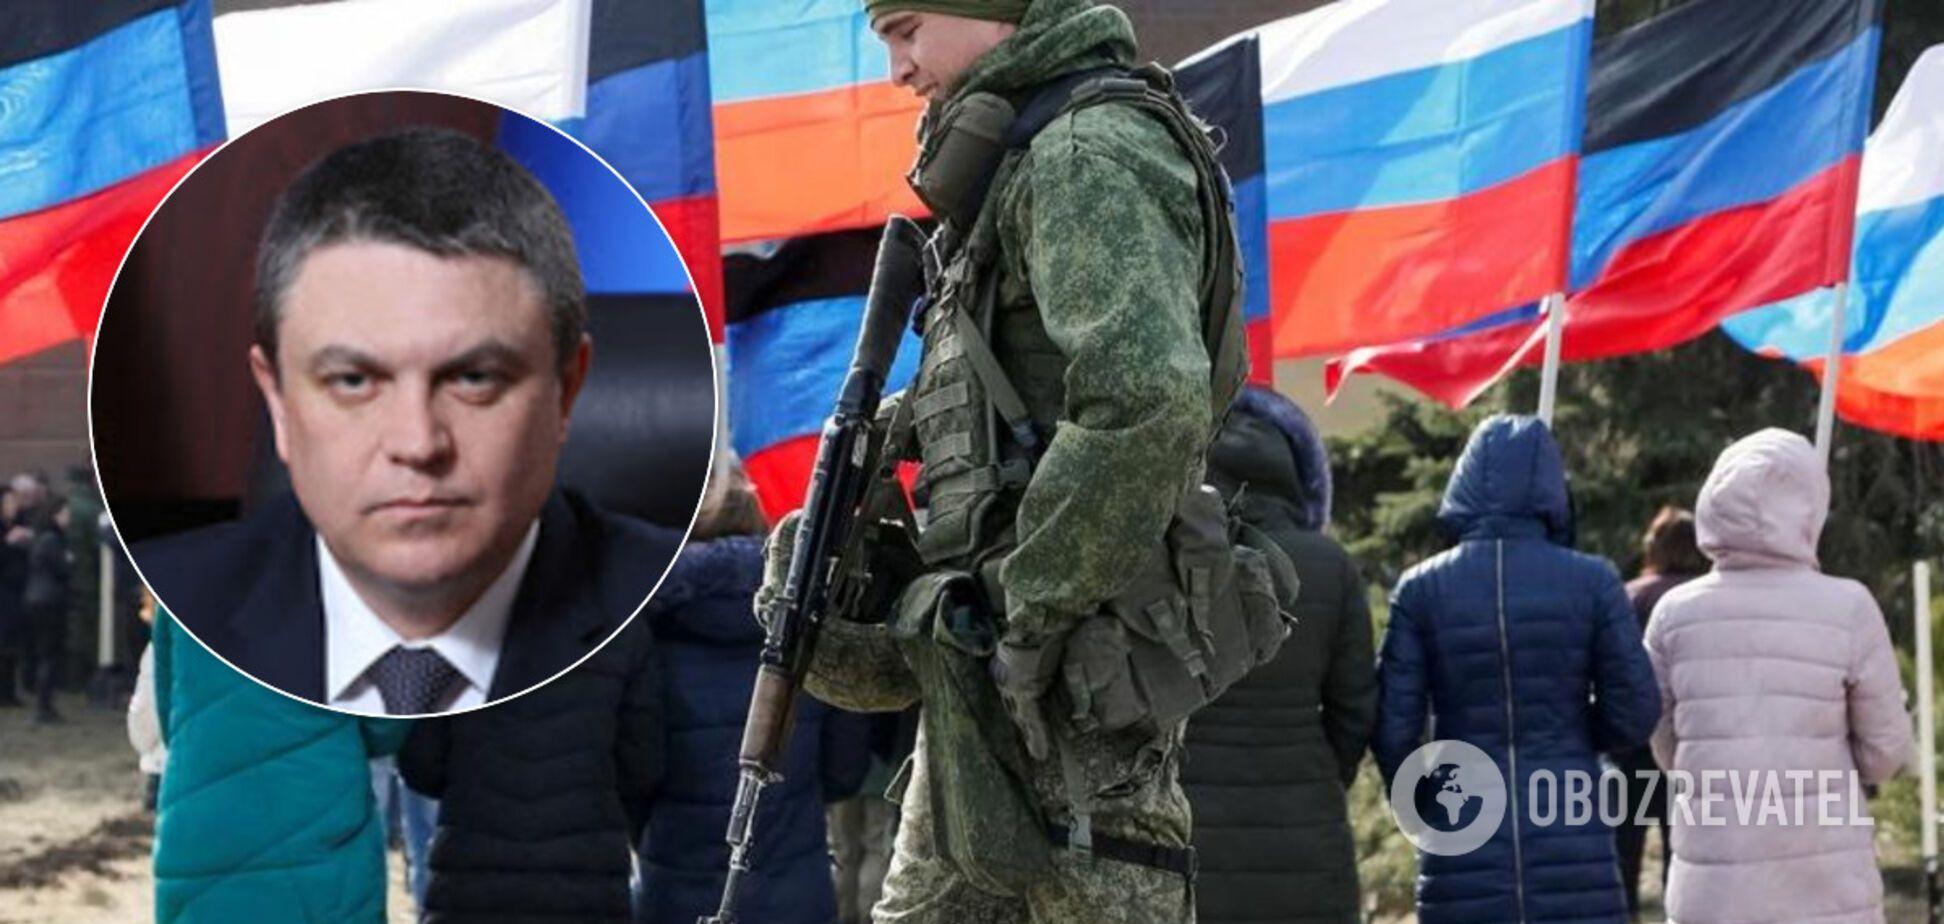 Украина призвала срочно собрать 'Минск' из-за 'боевой готовности 'ЛНР'